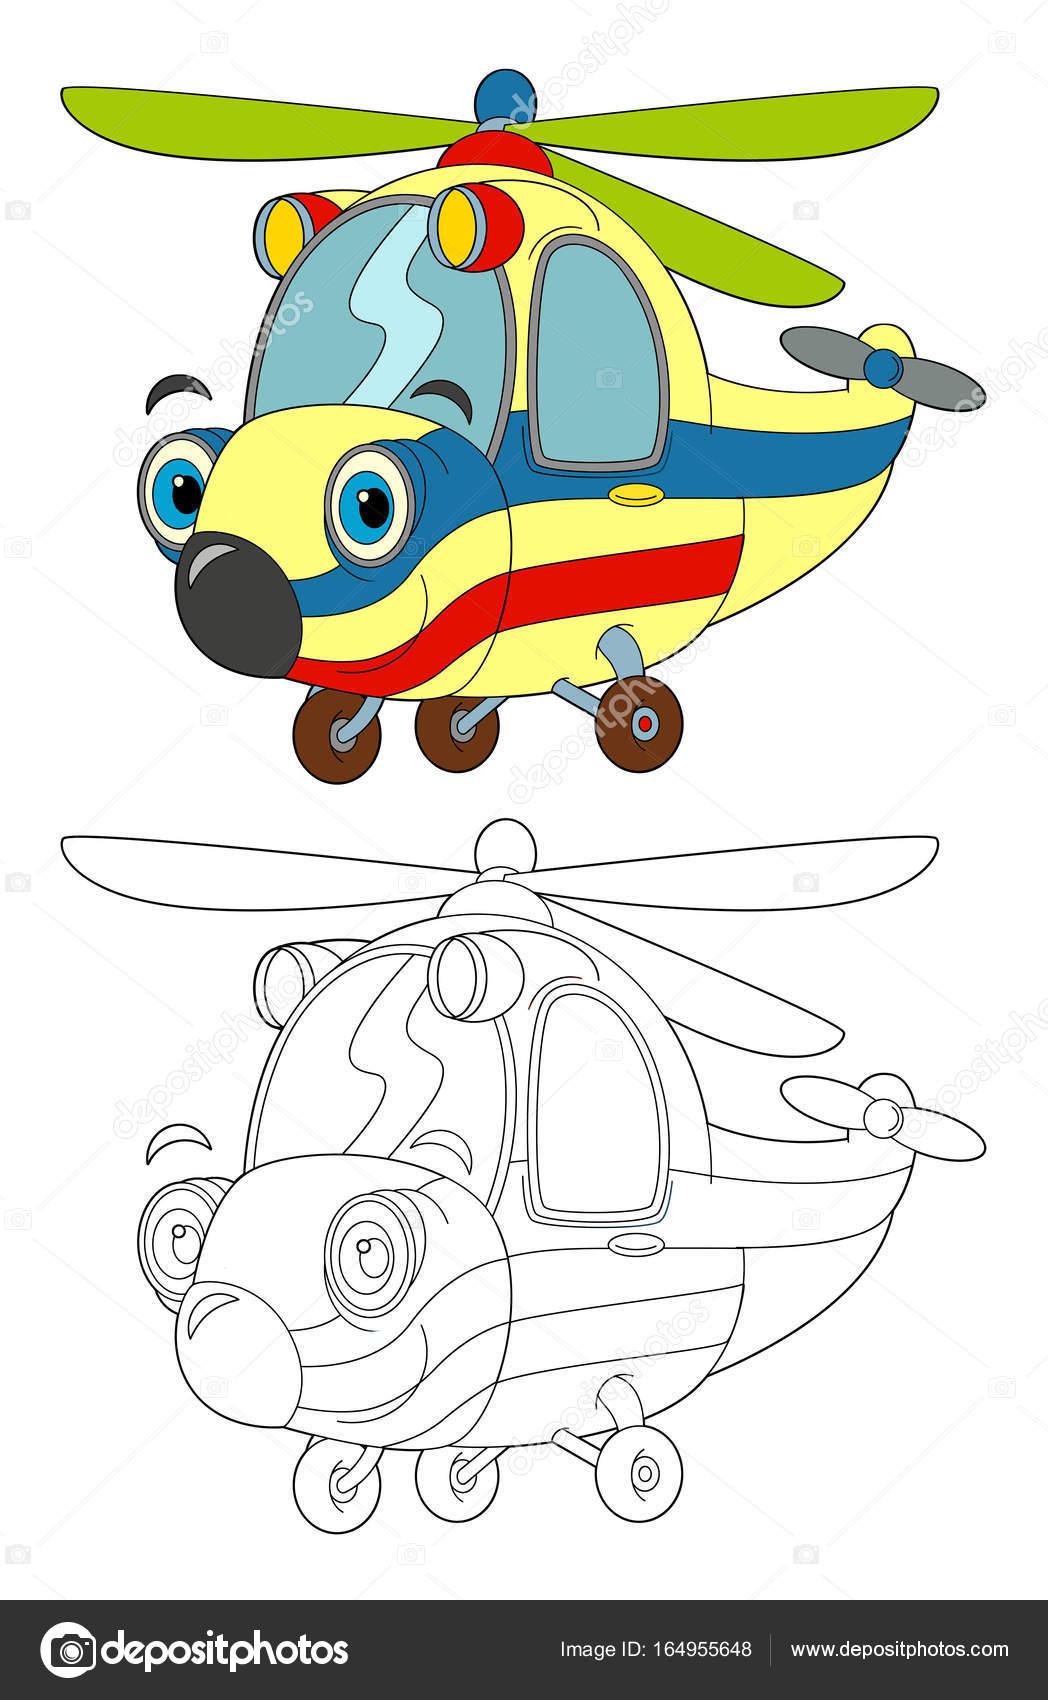 helicóptero ambulancia de dibujos animados con página para colorear ...